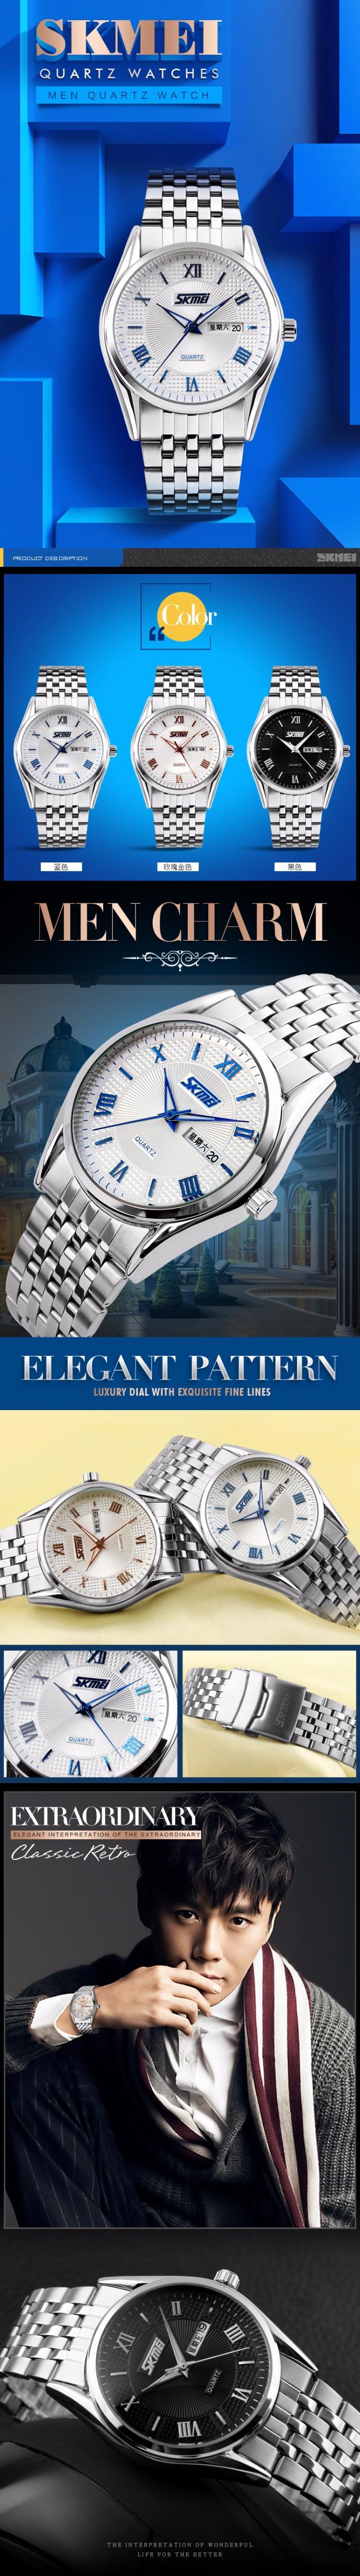 Бесплатная Доставка! SKMEI НОВЫЕ Прибытия 9102 Часы Мужчины Полный Сталь Водонепроницаемый Авто дата Кварцевые Часы Мода Наручные Часы